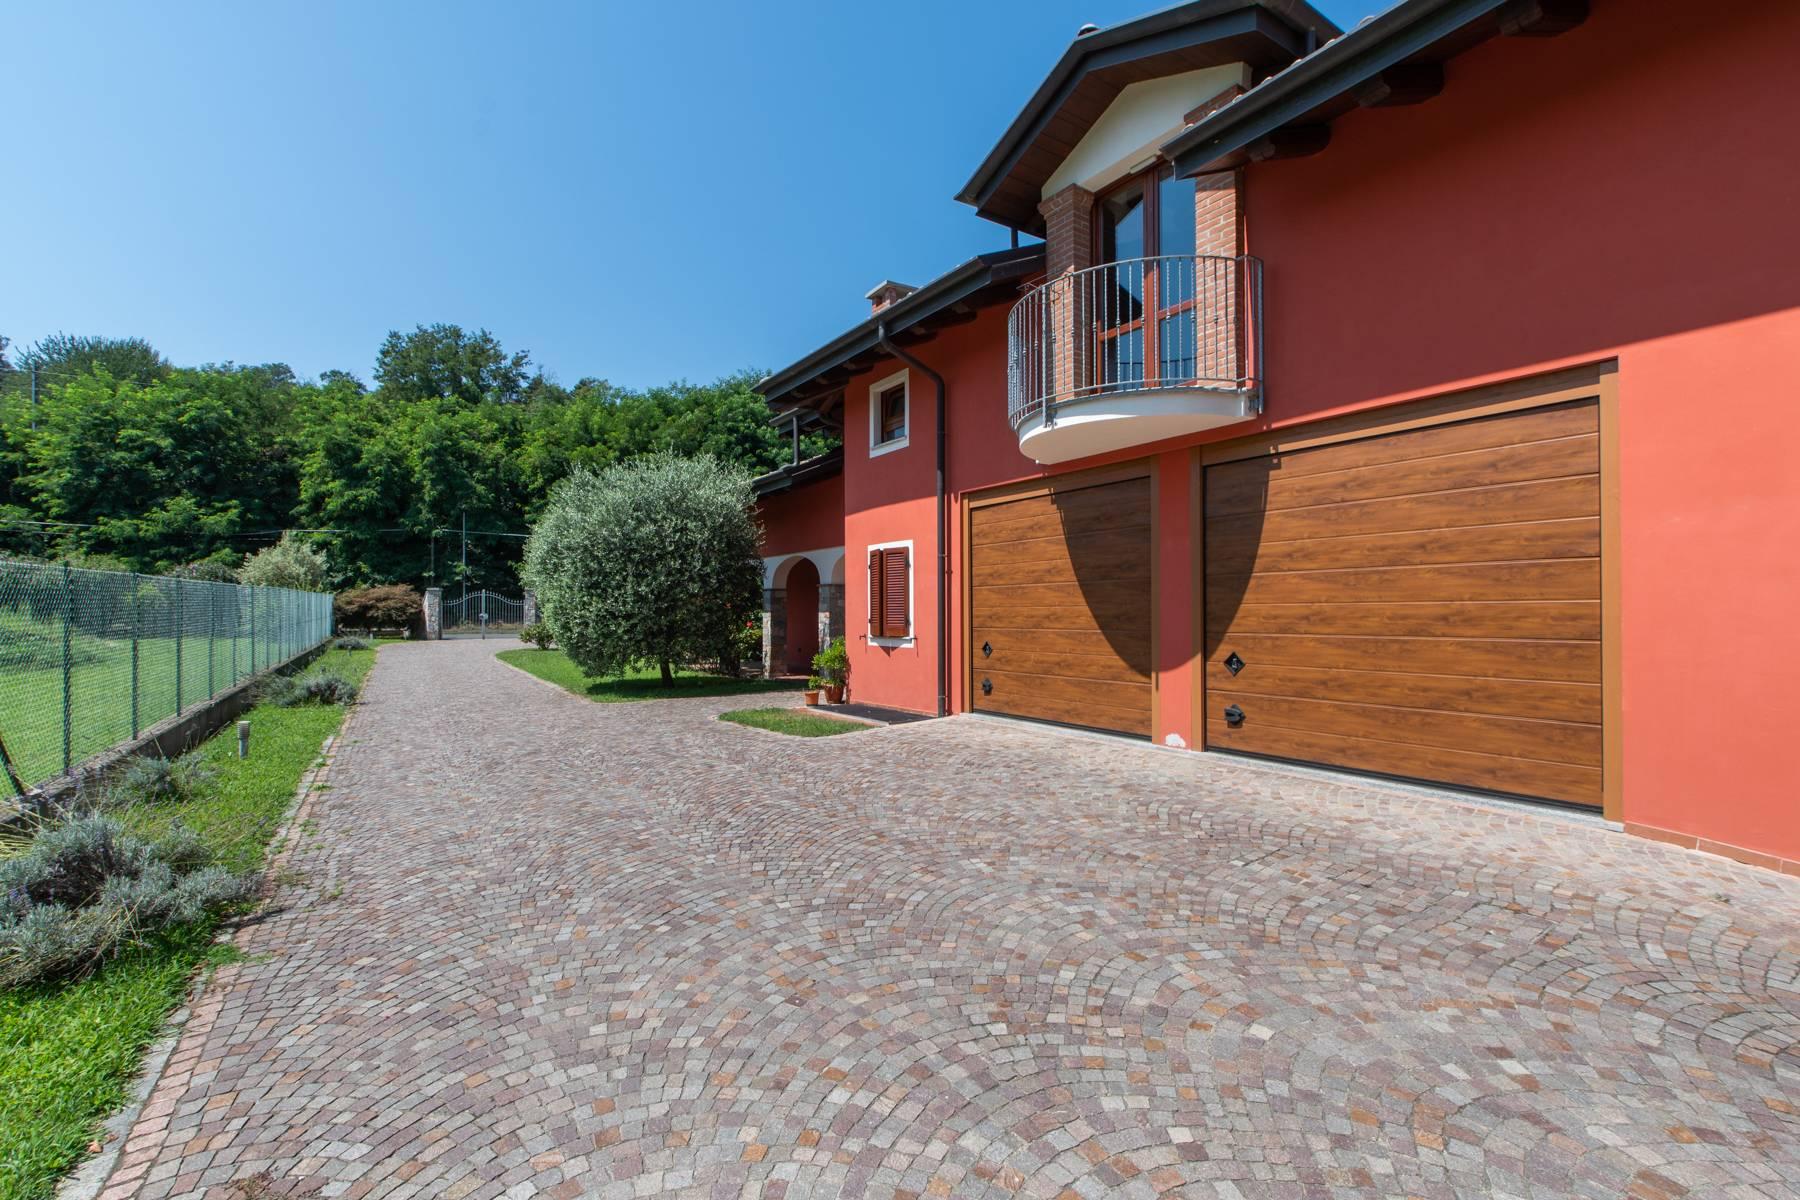 Villa in Vendita a Dormelletto: 5 locali, 400 mq - Foto 29